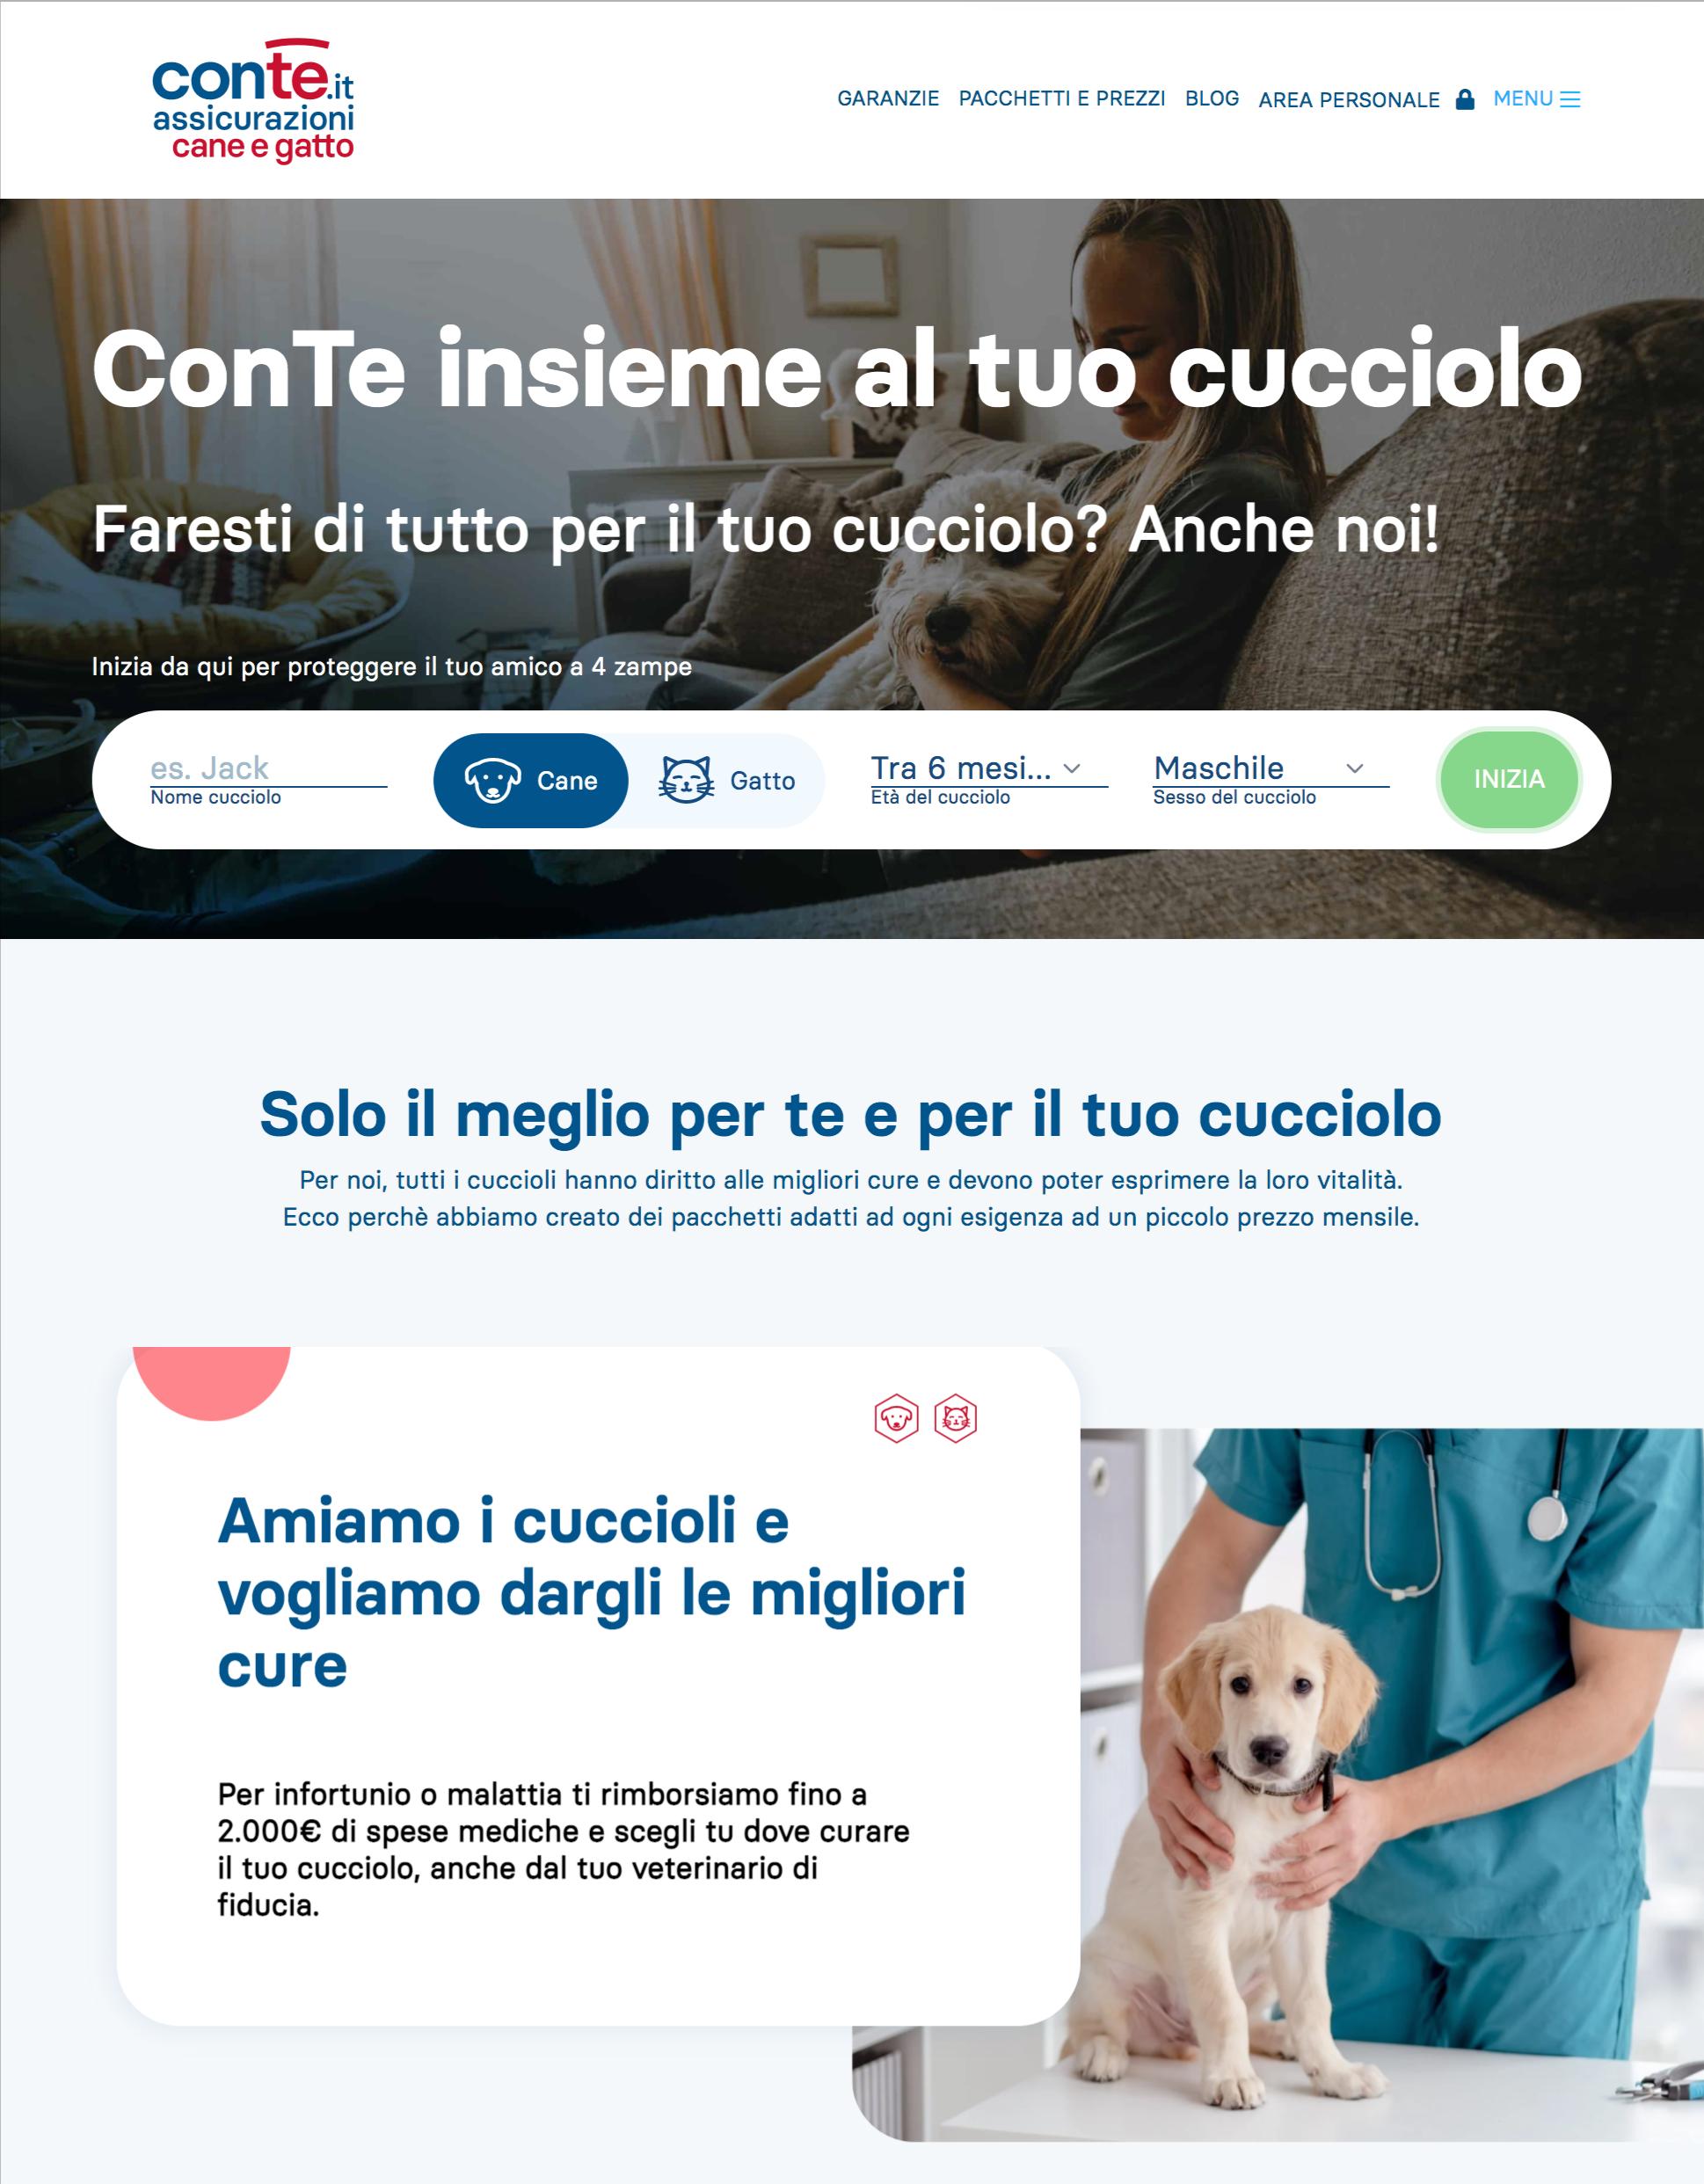 ConTe-it-Assicurazioni-Cane-e-Gatto-Homepage (3)